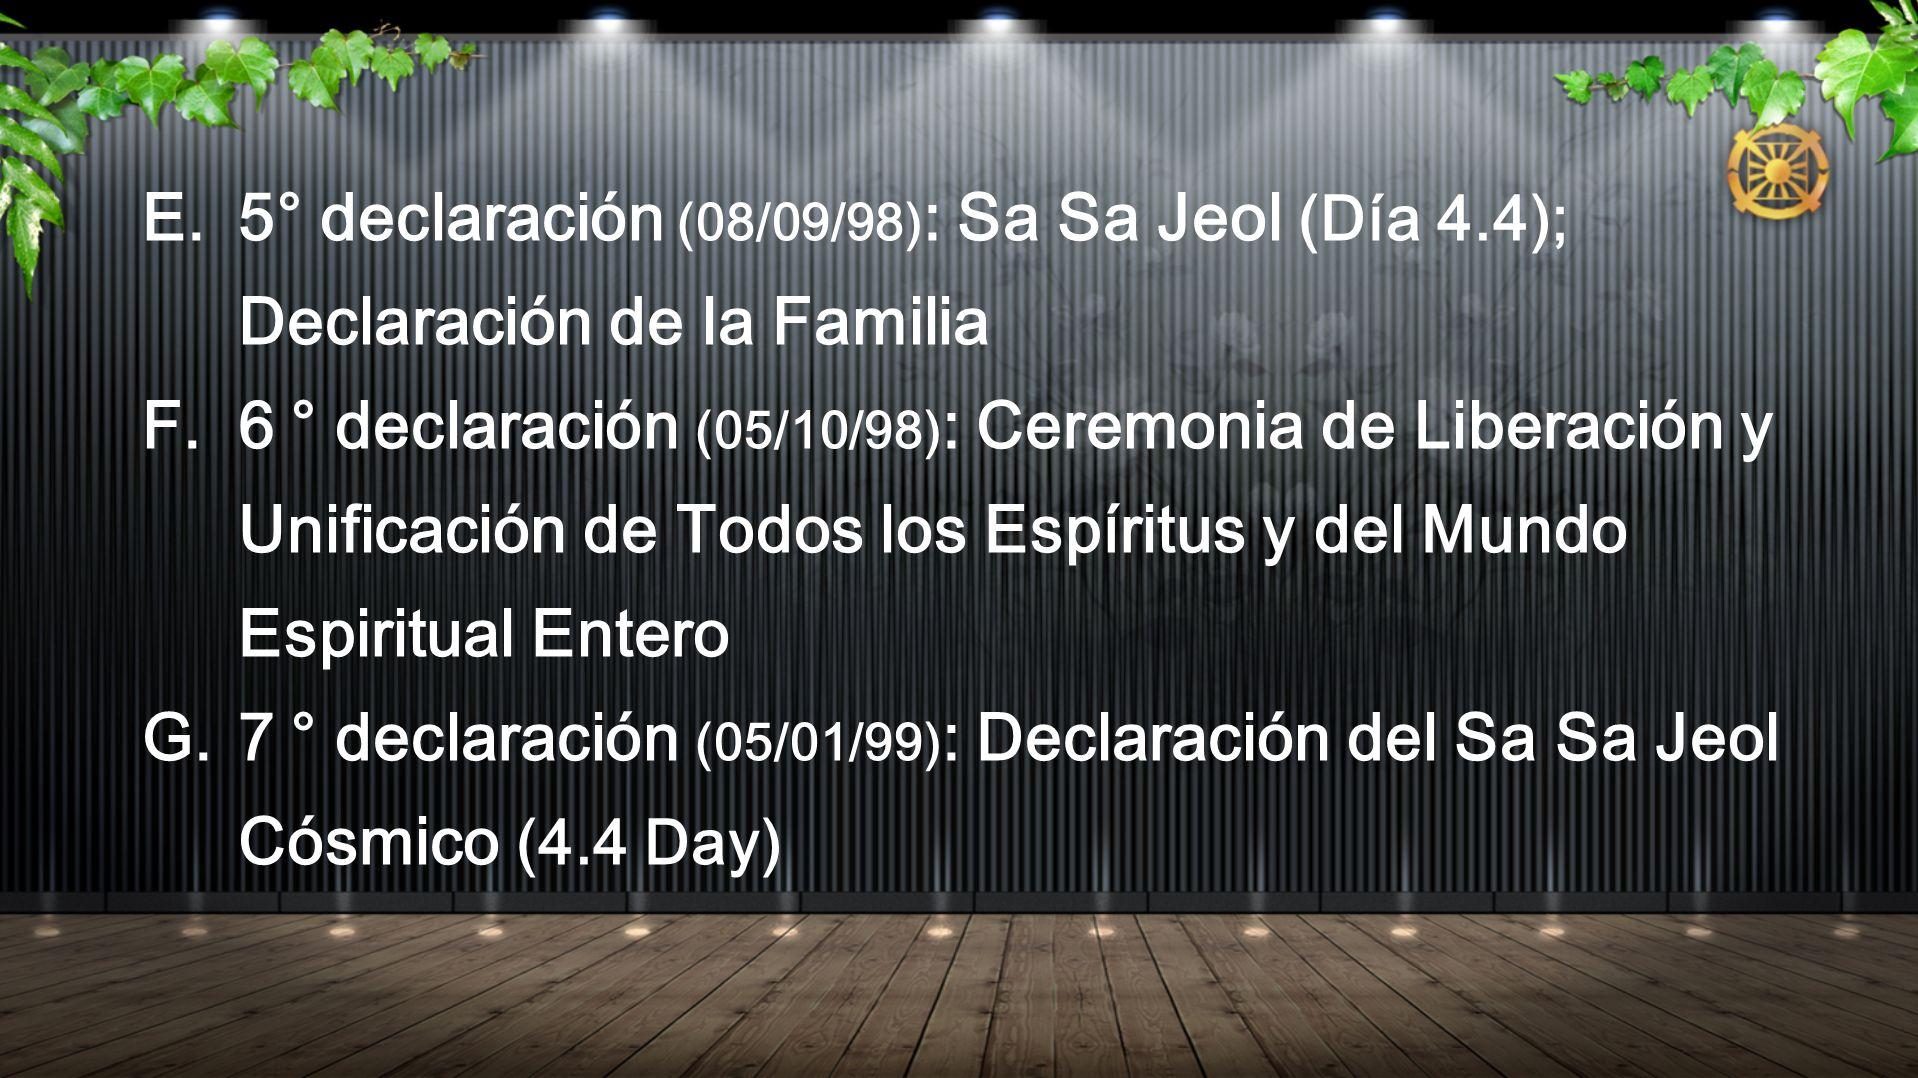 5° declaración (08/09/98): Sa Sa Jeol (Día 4